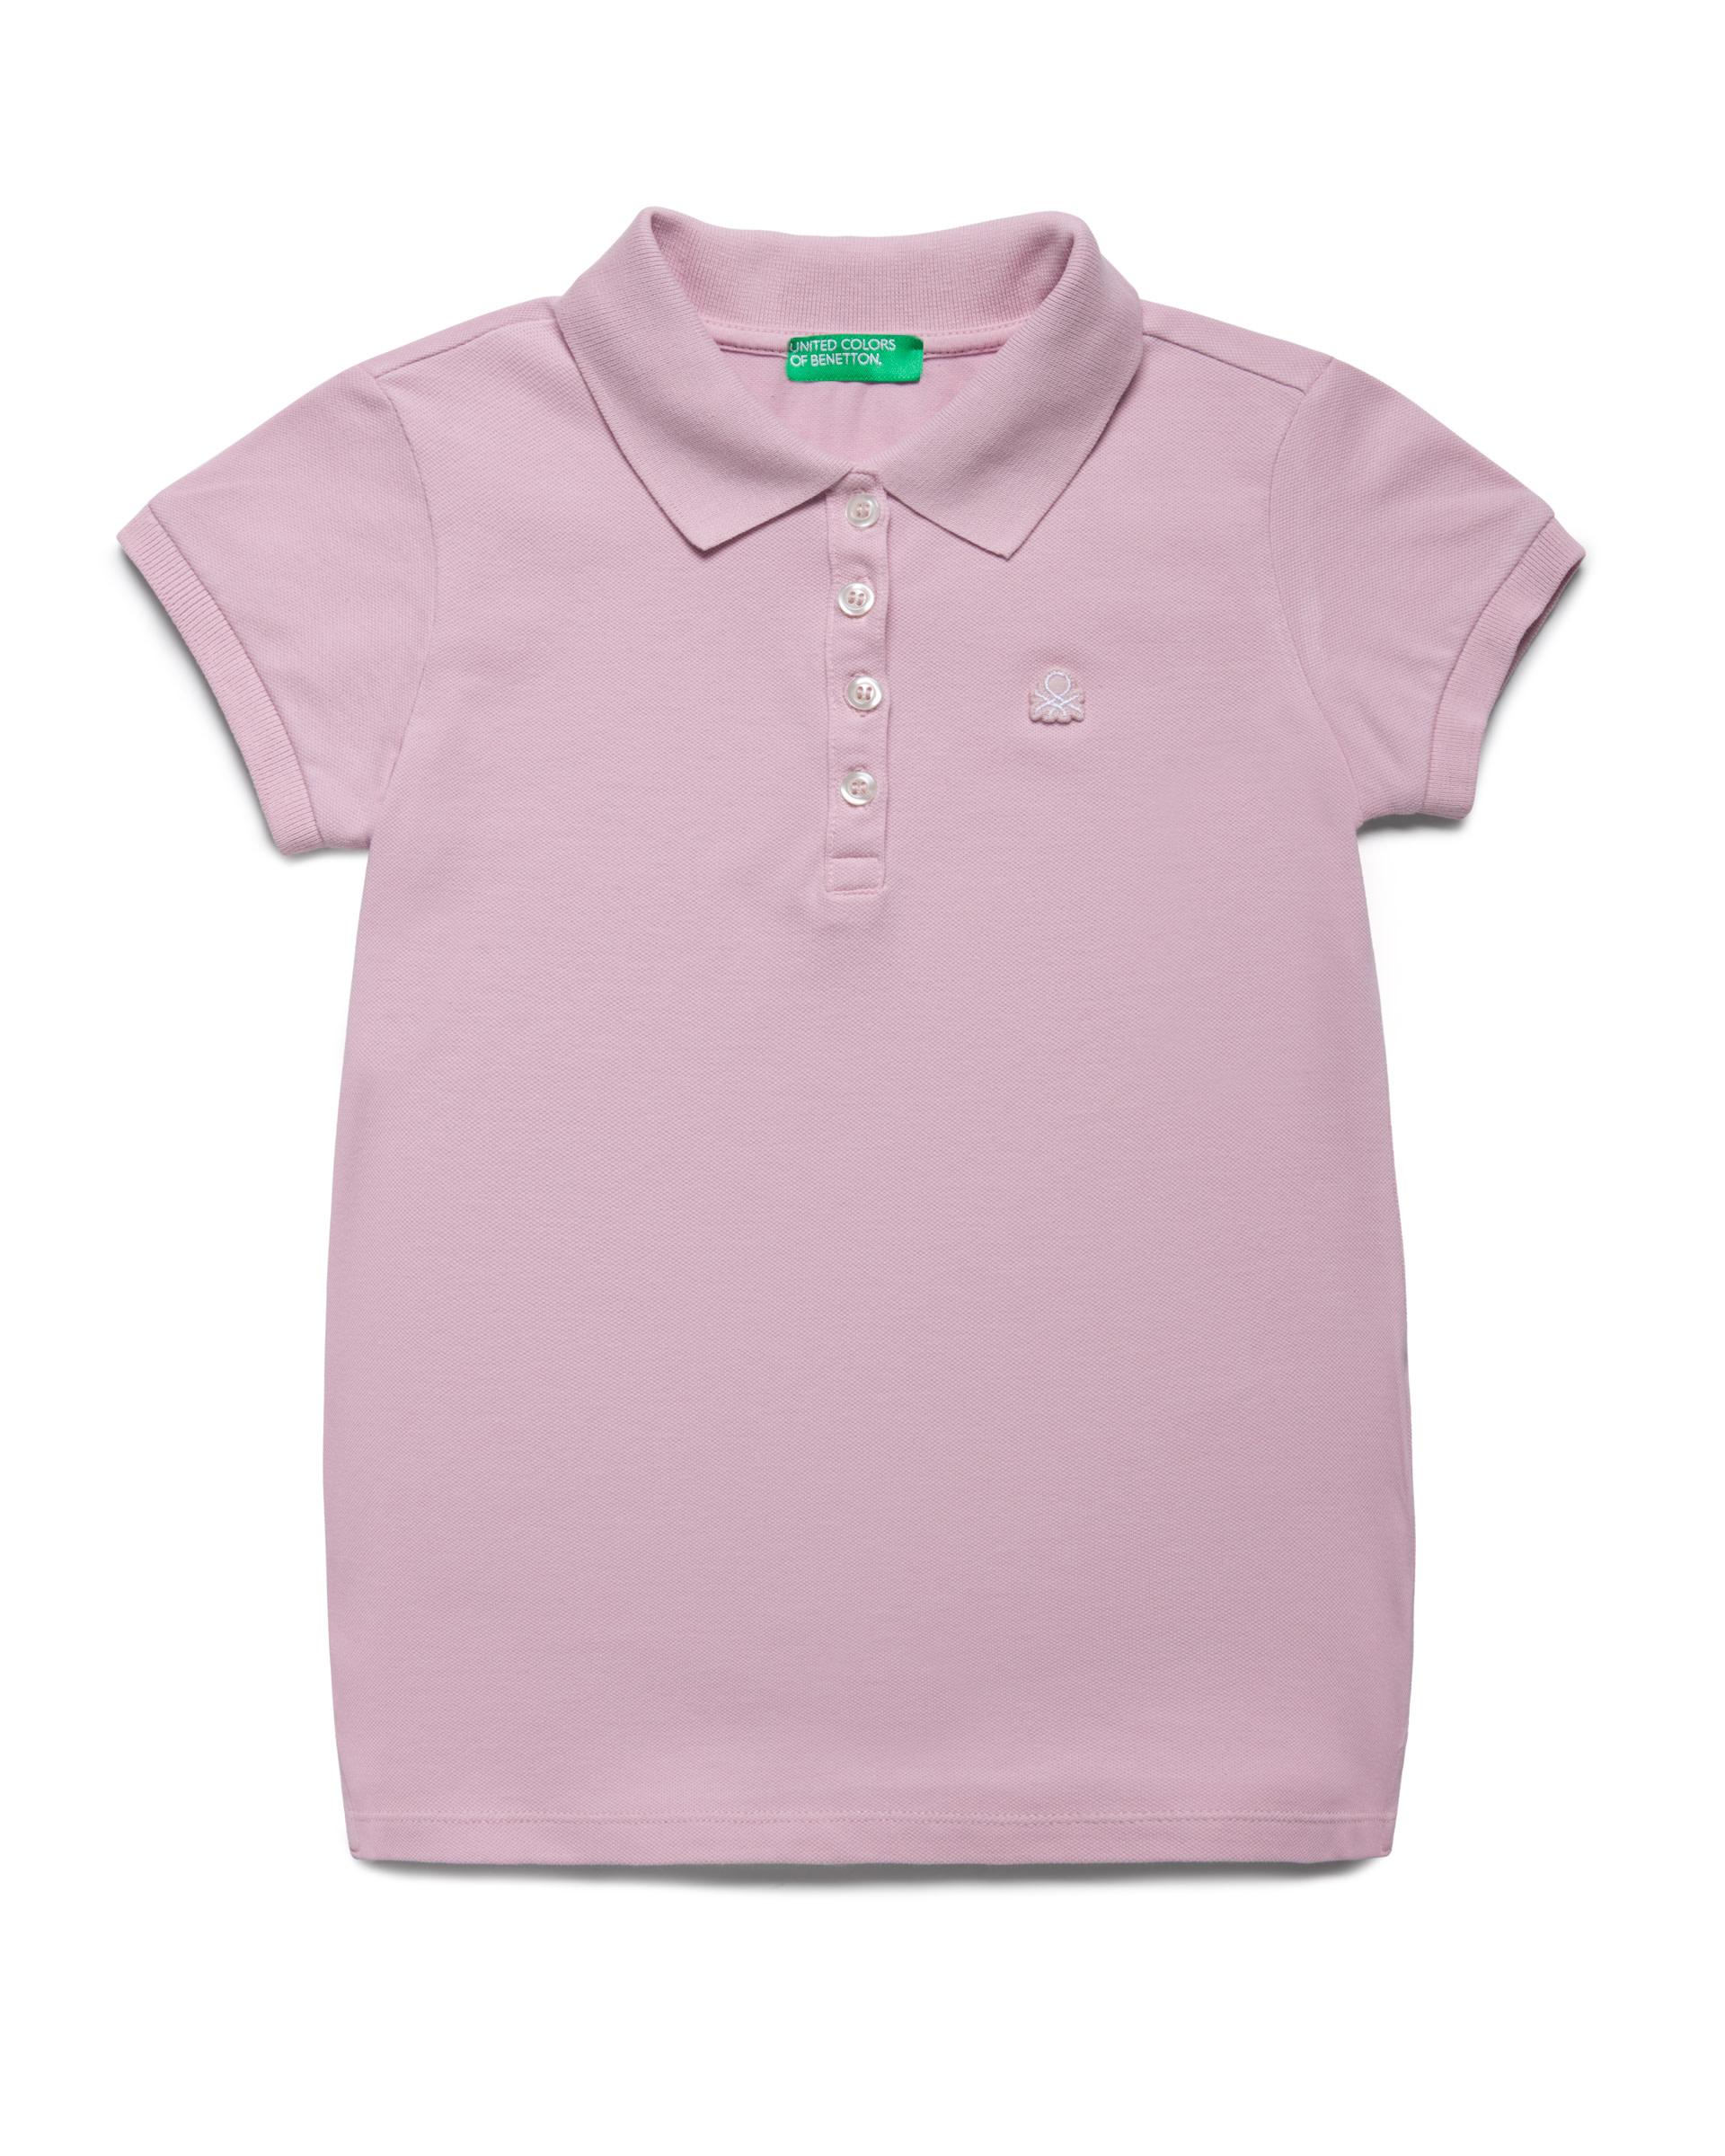 Купить 20P_3WG9C3092_07M, Поло-пике для девочек Benetton 3WG9C3092_07M р-р 170, United Colors of Benetton, Детские футболки